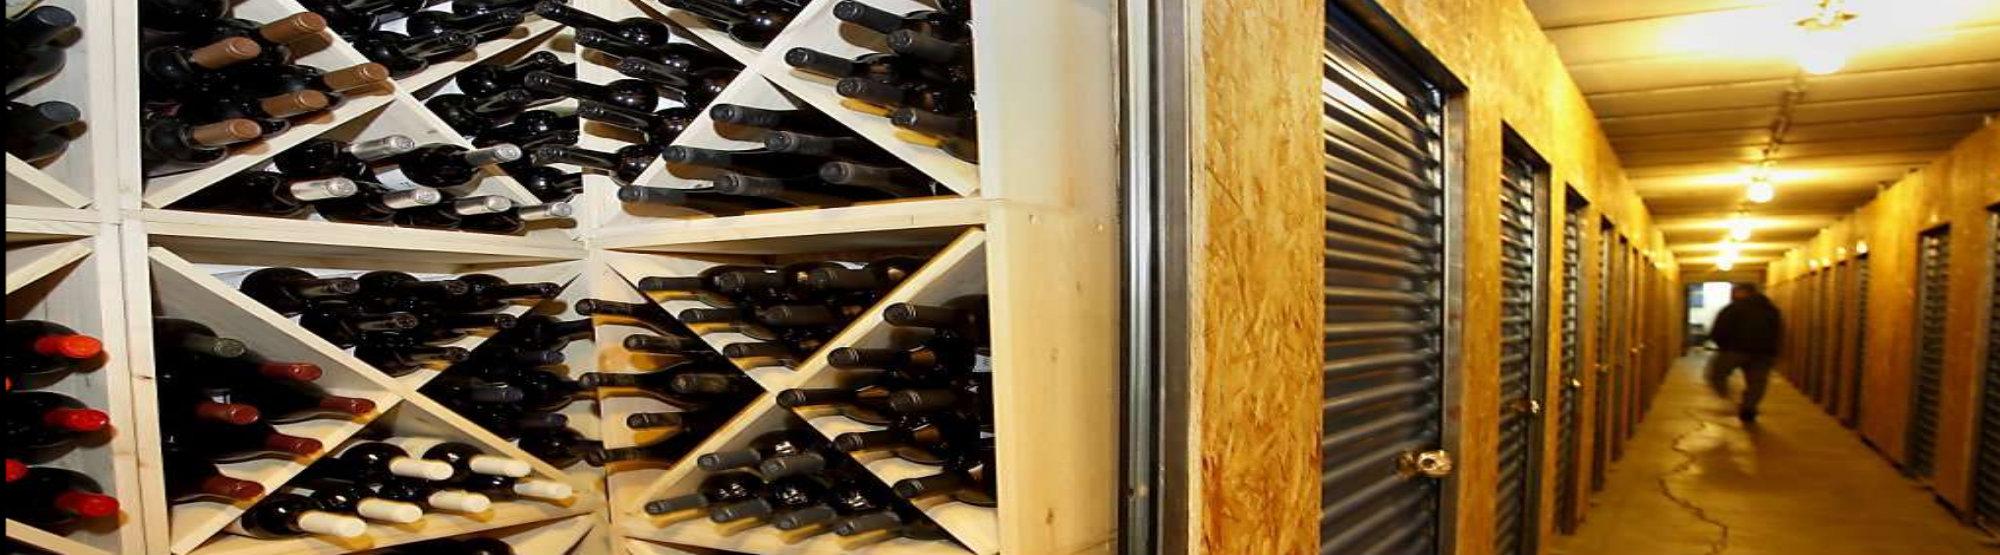 Wine Bunkers